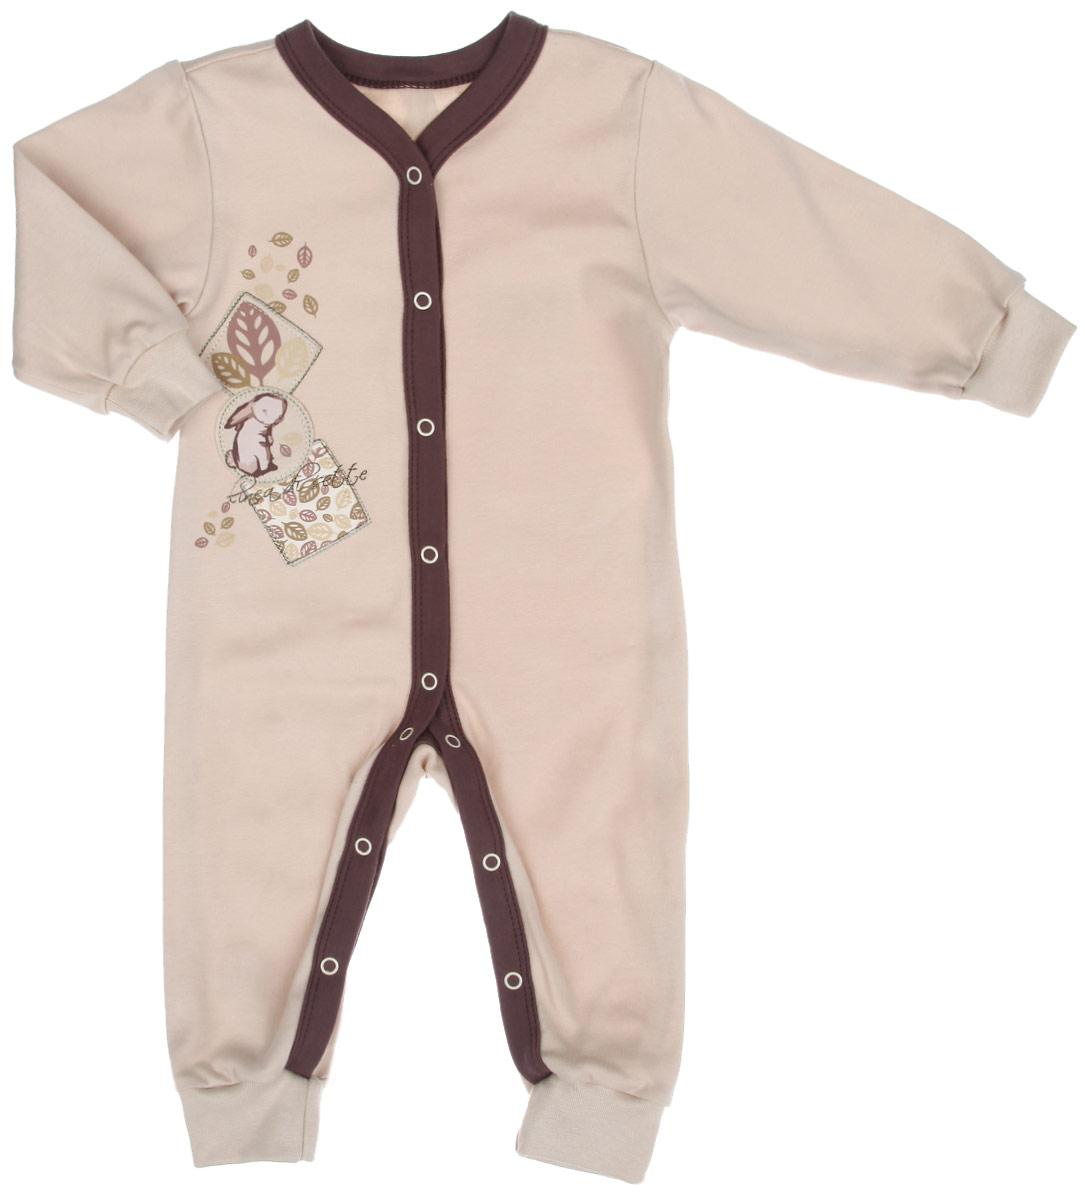 Комбинезон домашний01-0601Детский комбинезон Linea Di Sette Зайка станет идеальным дополнением к гардеробу вашего ребенка. Изделие изготовлено из высококачественного органического полотна в соответствии с принятыми стандартами. Органический хлопок - это безвредная альтернатива традиционному хлопку, ткани из него не вредят нежной коже малыша, а также их производство безопасно для окружающей среды. Органический хлопок очень мягкий, отлично пропускает воздух, обеспечивая максимальный комфорт. Комбинезон с V-образным вырезом горловины, длинными рукавами и открытыми ножками имеет застежки- кнопки от горловины до щиколоток, которые помогают легко переодеть младенца или сменить подгузник. Рукава и брючины дополнены мягкими широкими манжетами. Модель оформлена принтом, выполненным безопасными водными красками, а также украшена вышивками. Изделие полностью соответствует особенностям жизни ребенка в ранний период, не стесняя и не ограничивая его в движениях. В таком комбинезоне кроха будет...